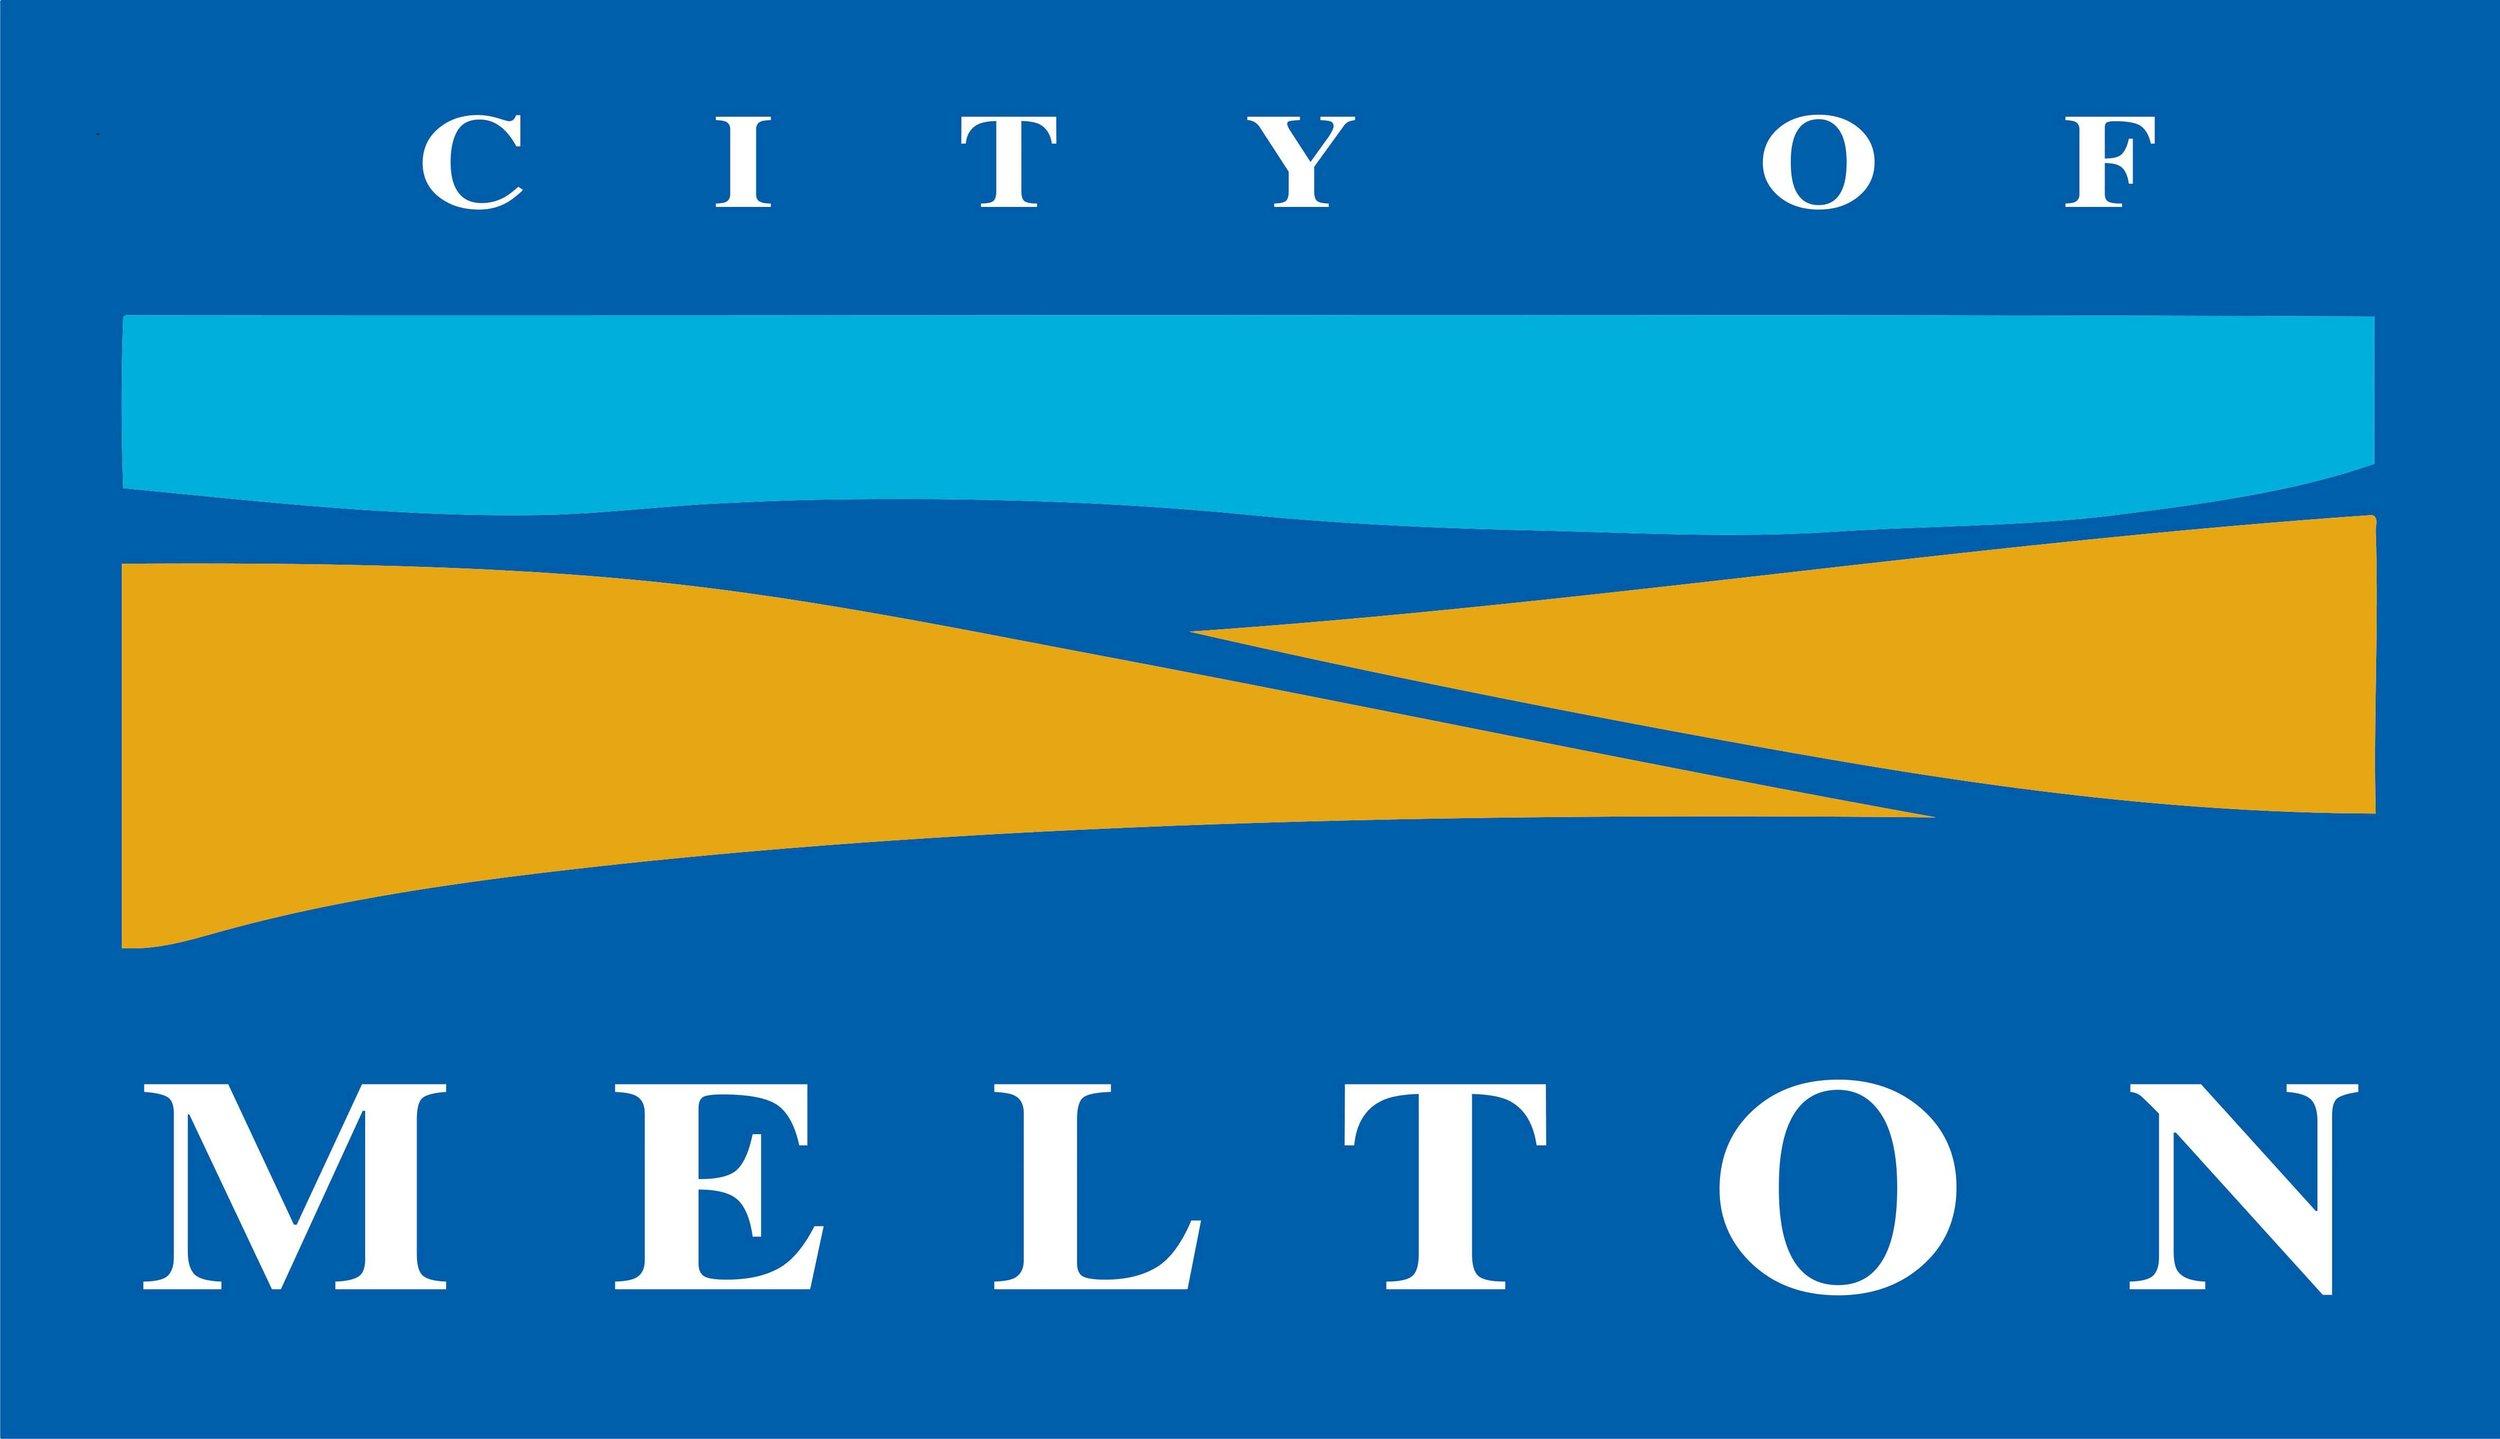 Melton City Council